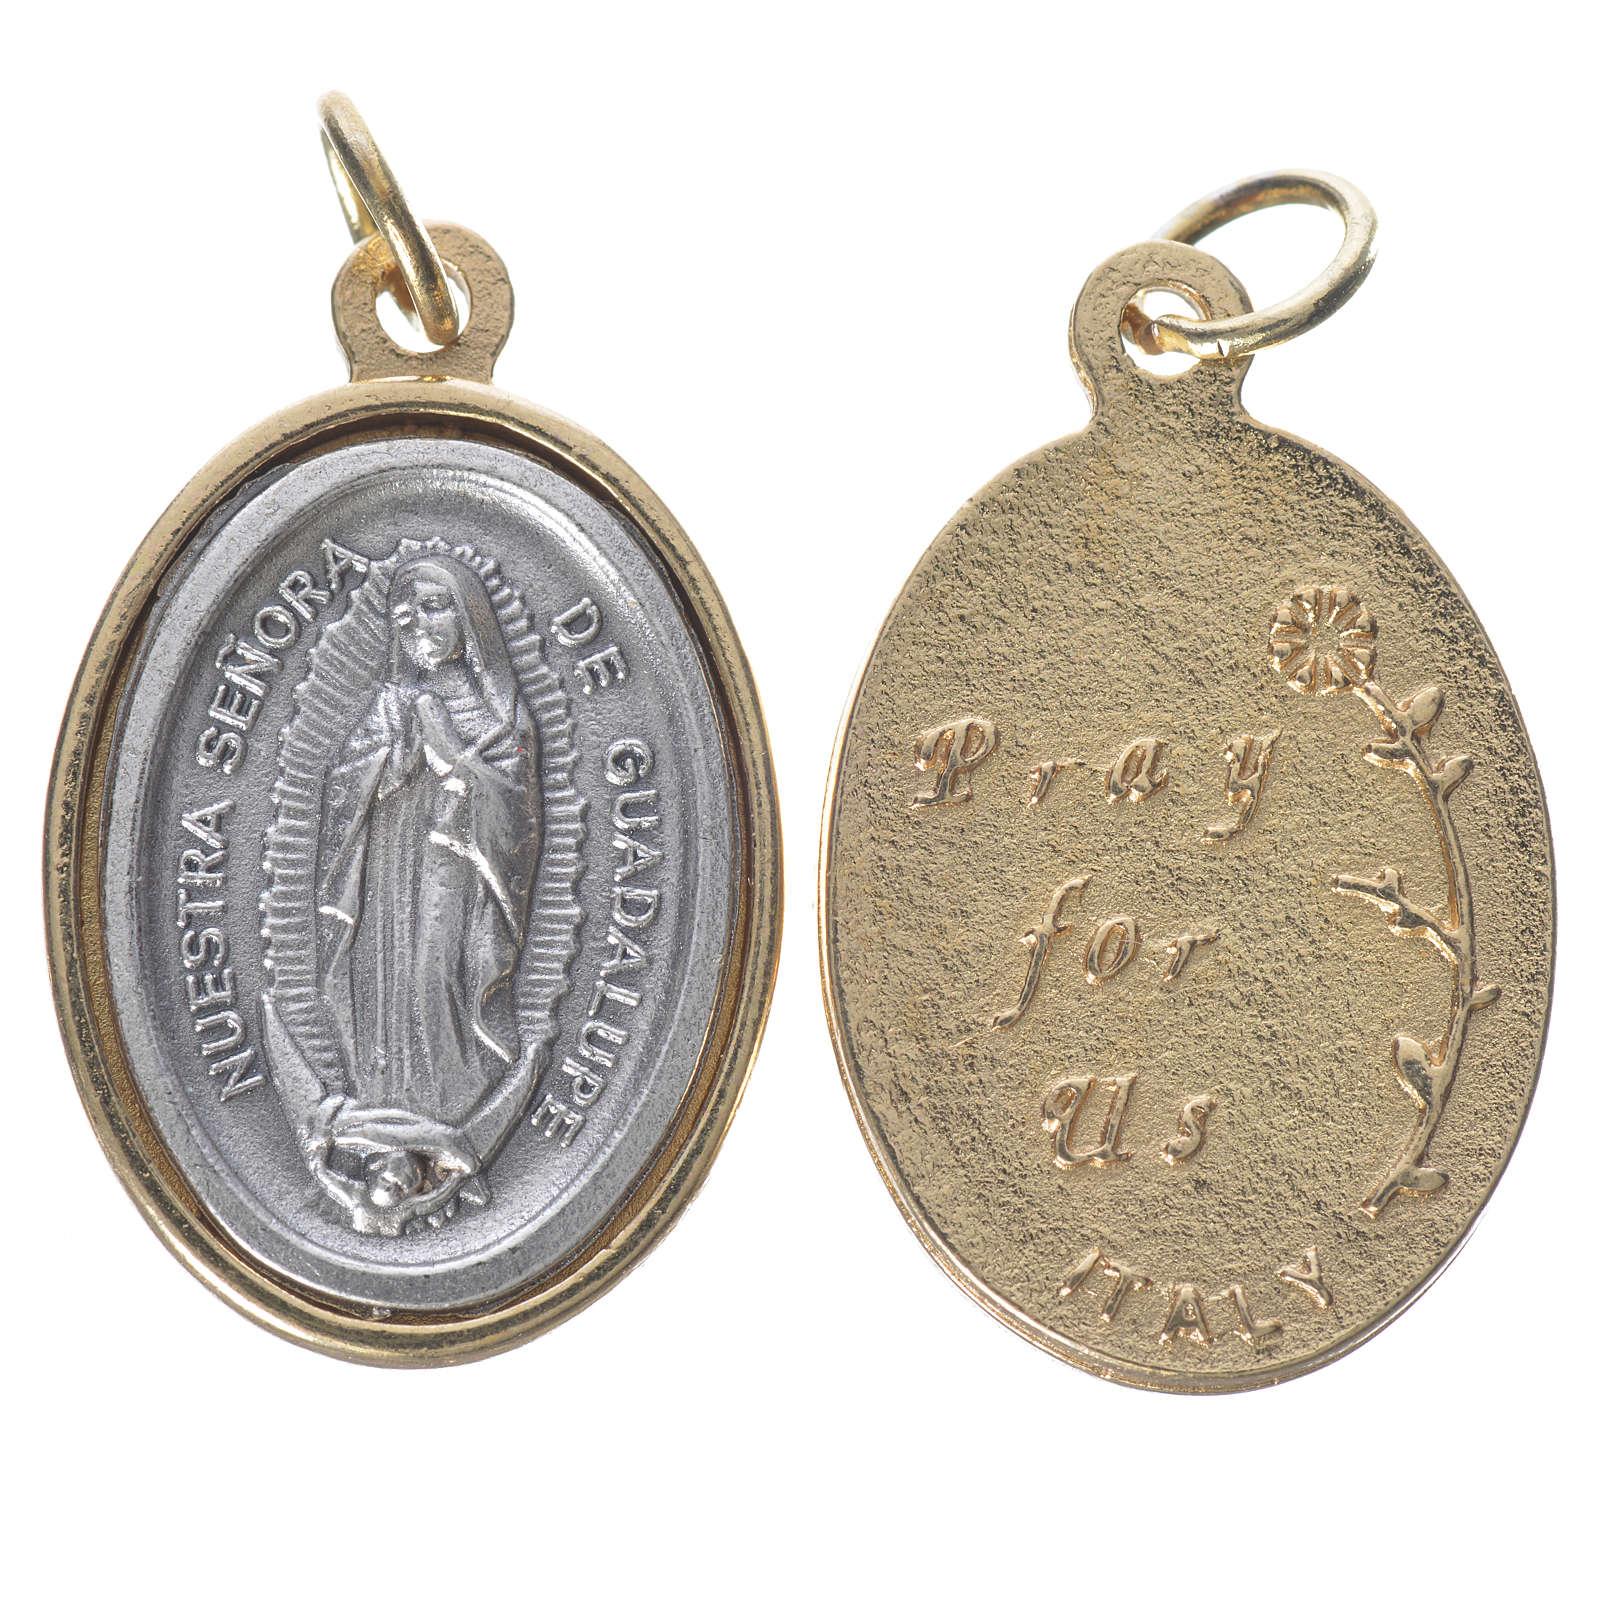 Medaglia Guadalupe metallo dorata argentata 2,5cm 4